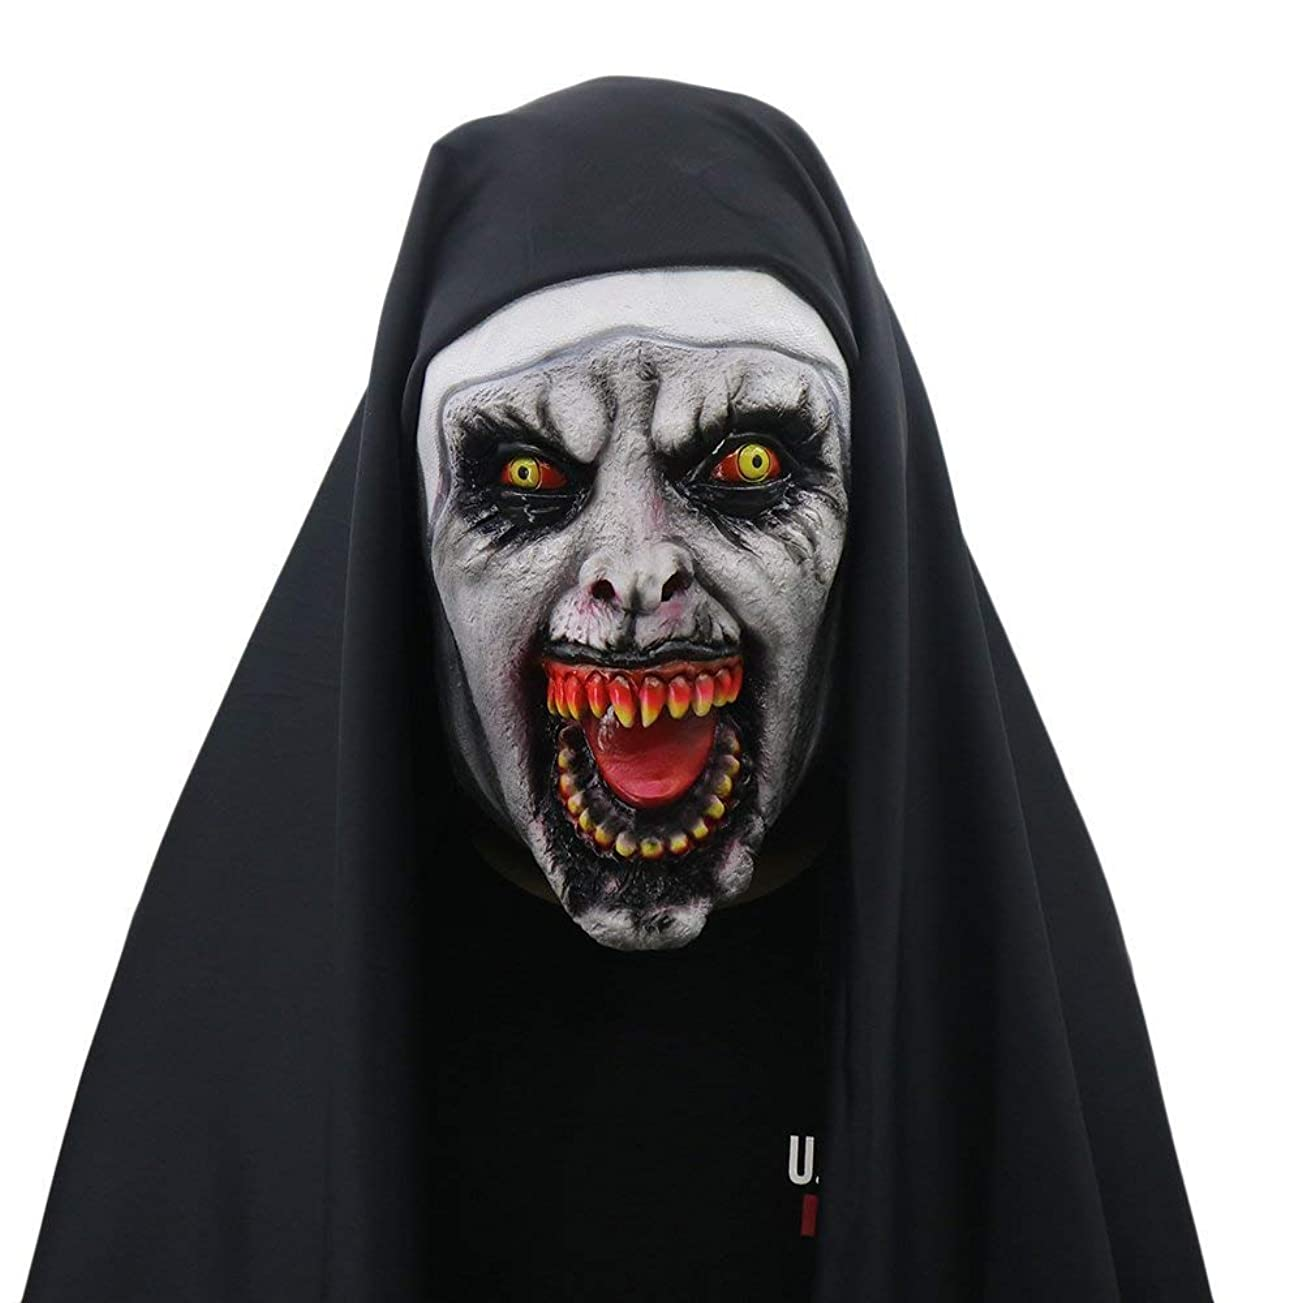 記述する私たち自身認証ハロウィン修道女マスク、ホラー怖い女性ゴースト整頓パーティー用品ゾンビマスク27 * 28 cm (Color : B)